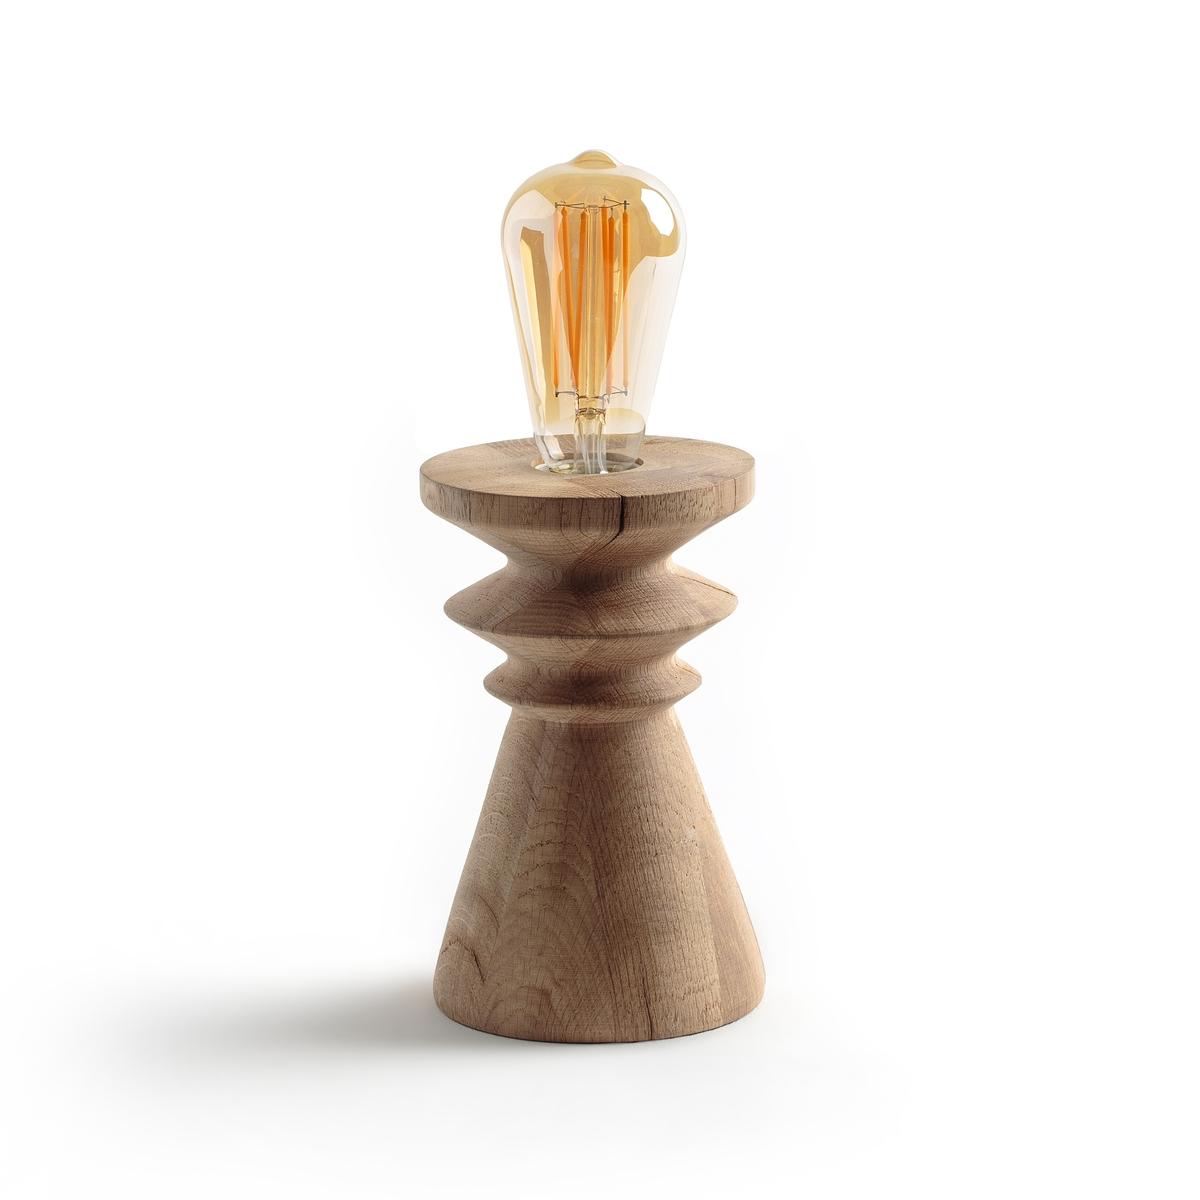 Лампа настольная, RusniaНастольная лампа Rusnia. Использовать с лампой LED с декоративной нитью накала, представленной на нашем сайте.Характеристики :- Из необработанного дуба с покрытием под натуральное дерево- Патрон E27 для лампы 60 Вт (продается отдельно).- Совместима с лампами классов энергопотребления ABCDE. - Кабель с тканевой оболочкой белого цвета. - Использовать с лампами LED с декоративными нитями накала, представленными на сайте ampm.ruРазмеры :- Ш.12 x В.19 x Г.12 см.<br><br>Цвет: серо-бежевый